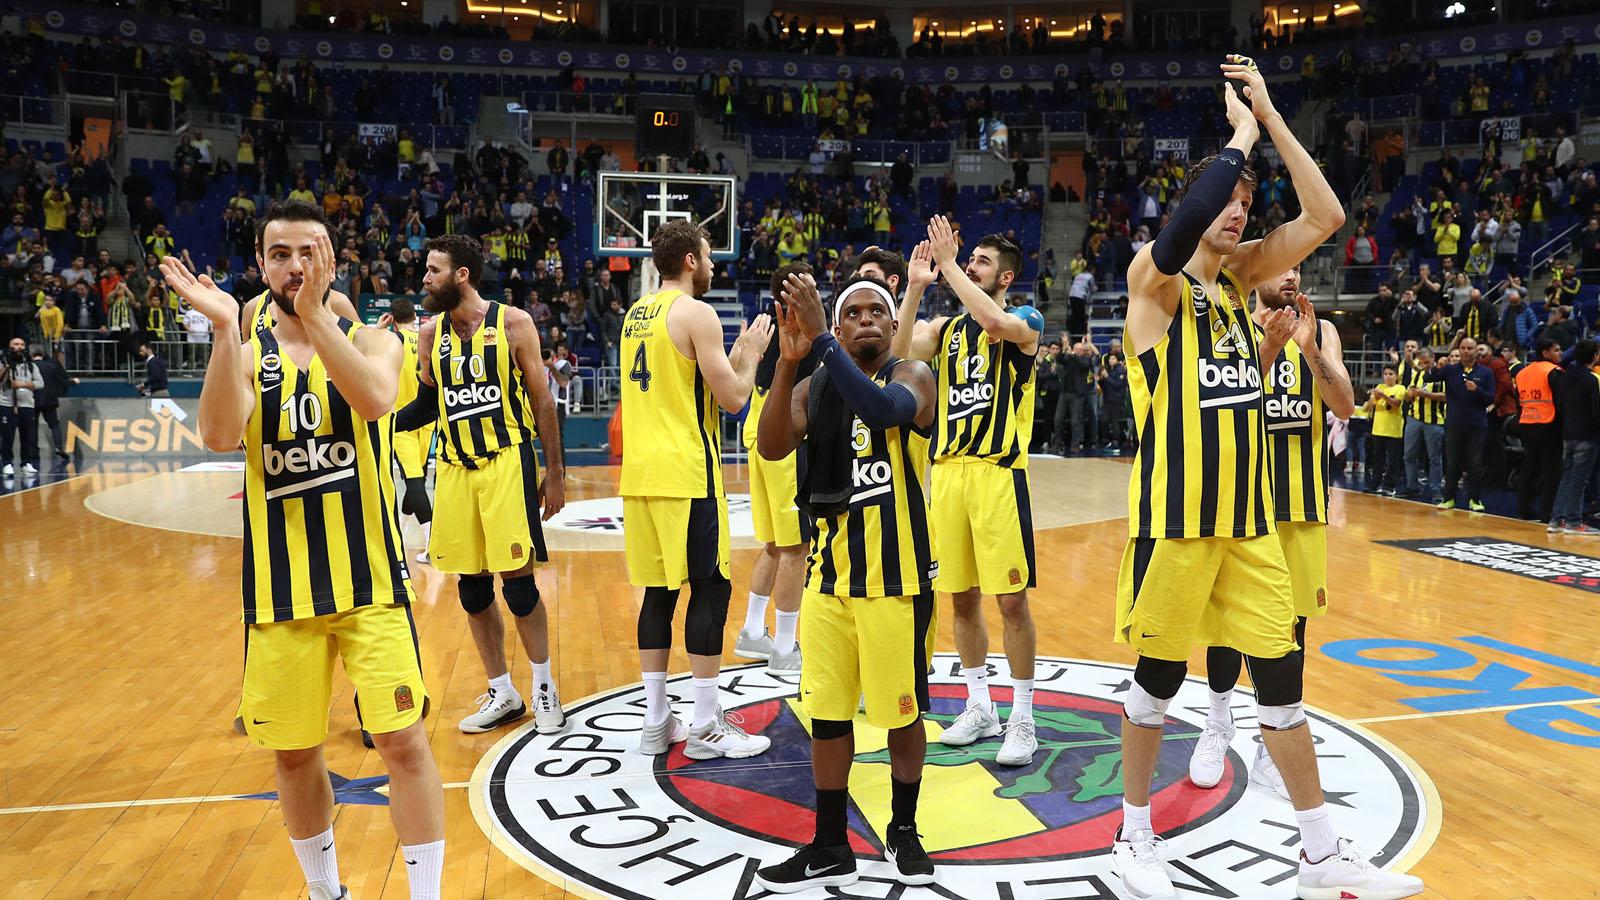 ÜST ÜSTE 5. KEZ FINAL FOUR'DAYIZ! (Maç Özeti: Zalgiris Kaunas - Fenerbahçe Beko)